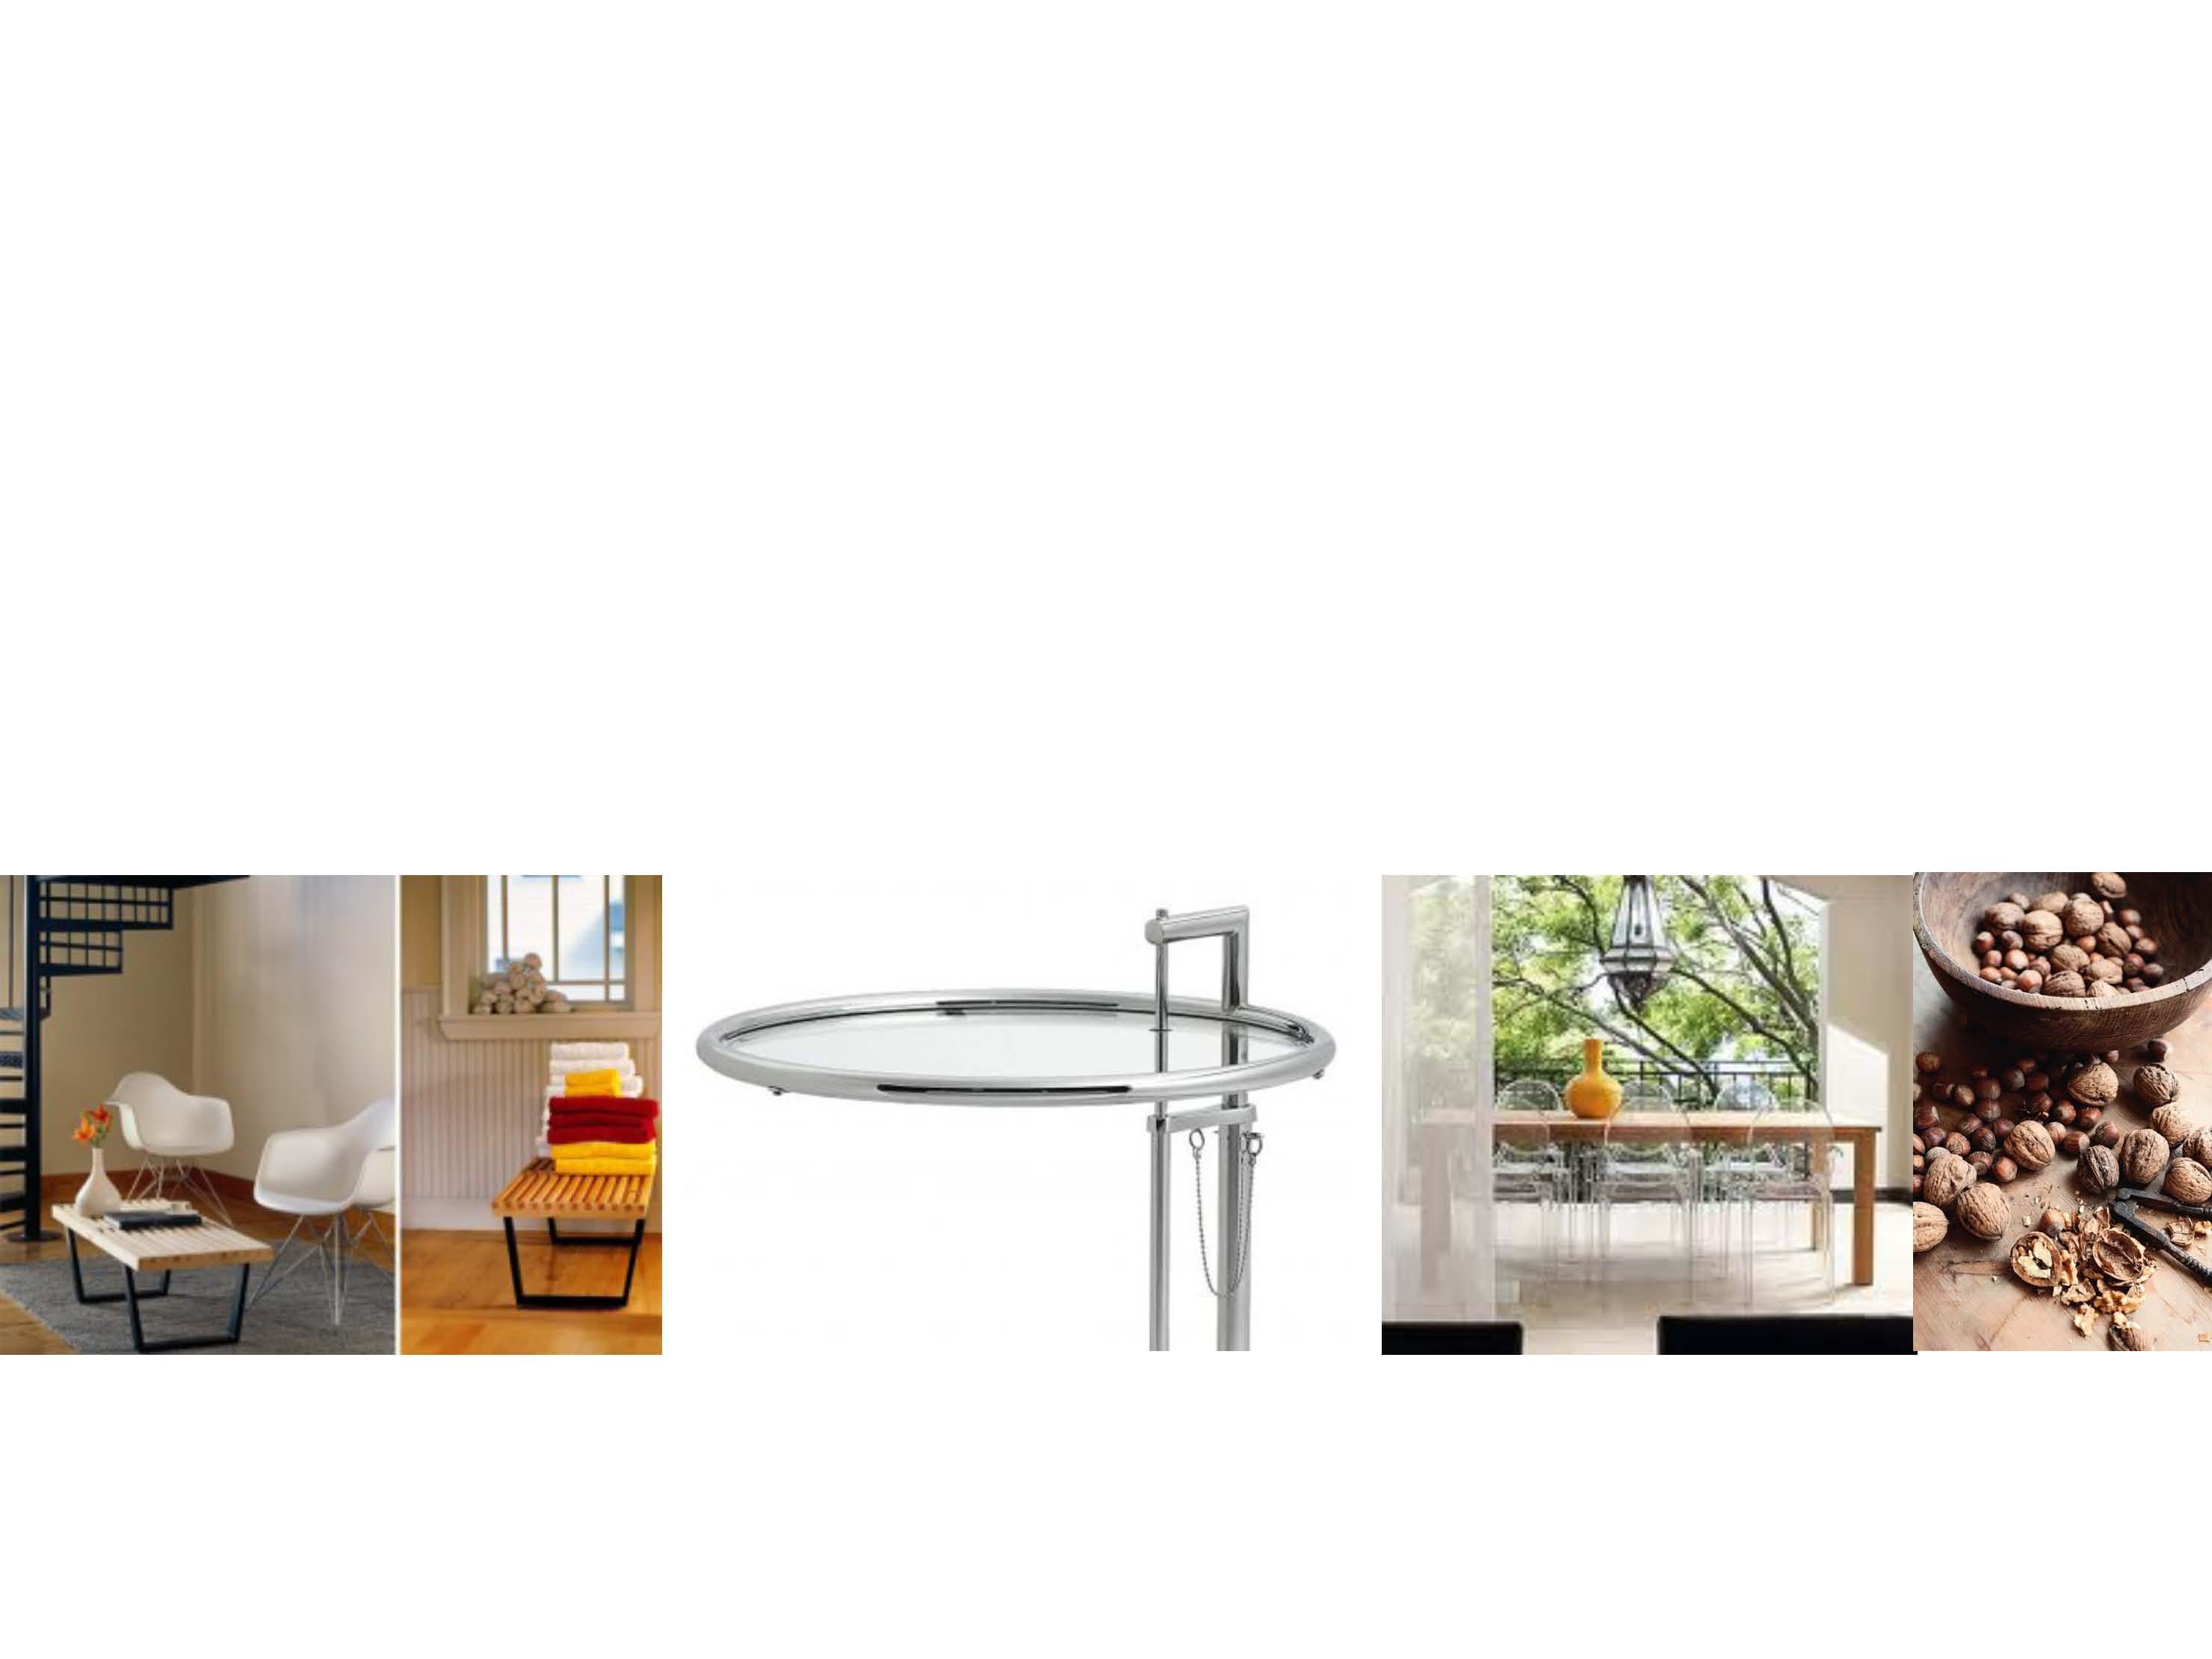 Clasicos del dise o sof s albufereta valencia sof s for Clasicos del diseno muebles